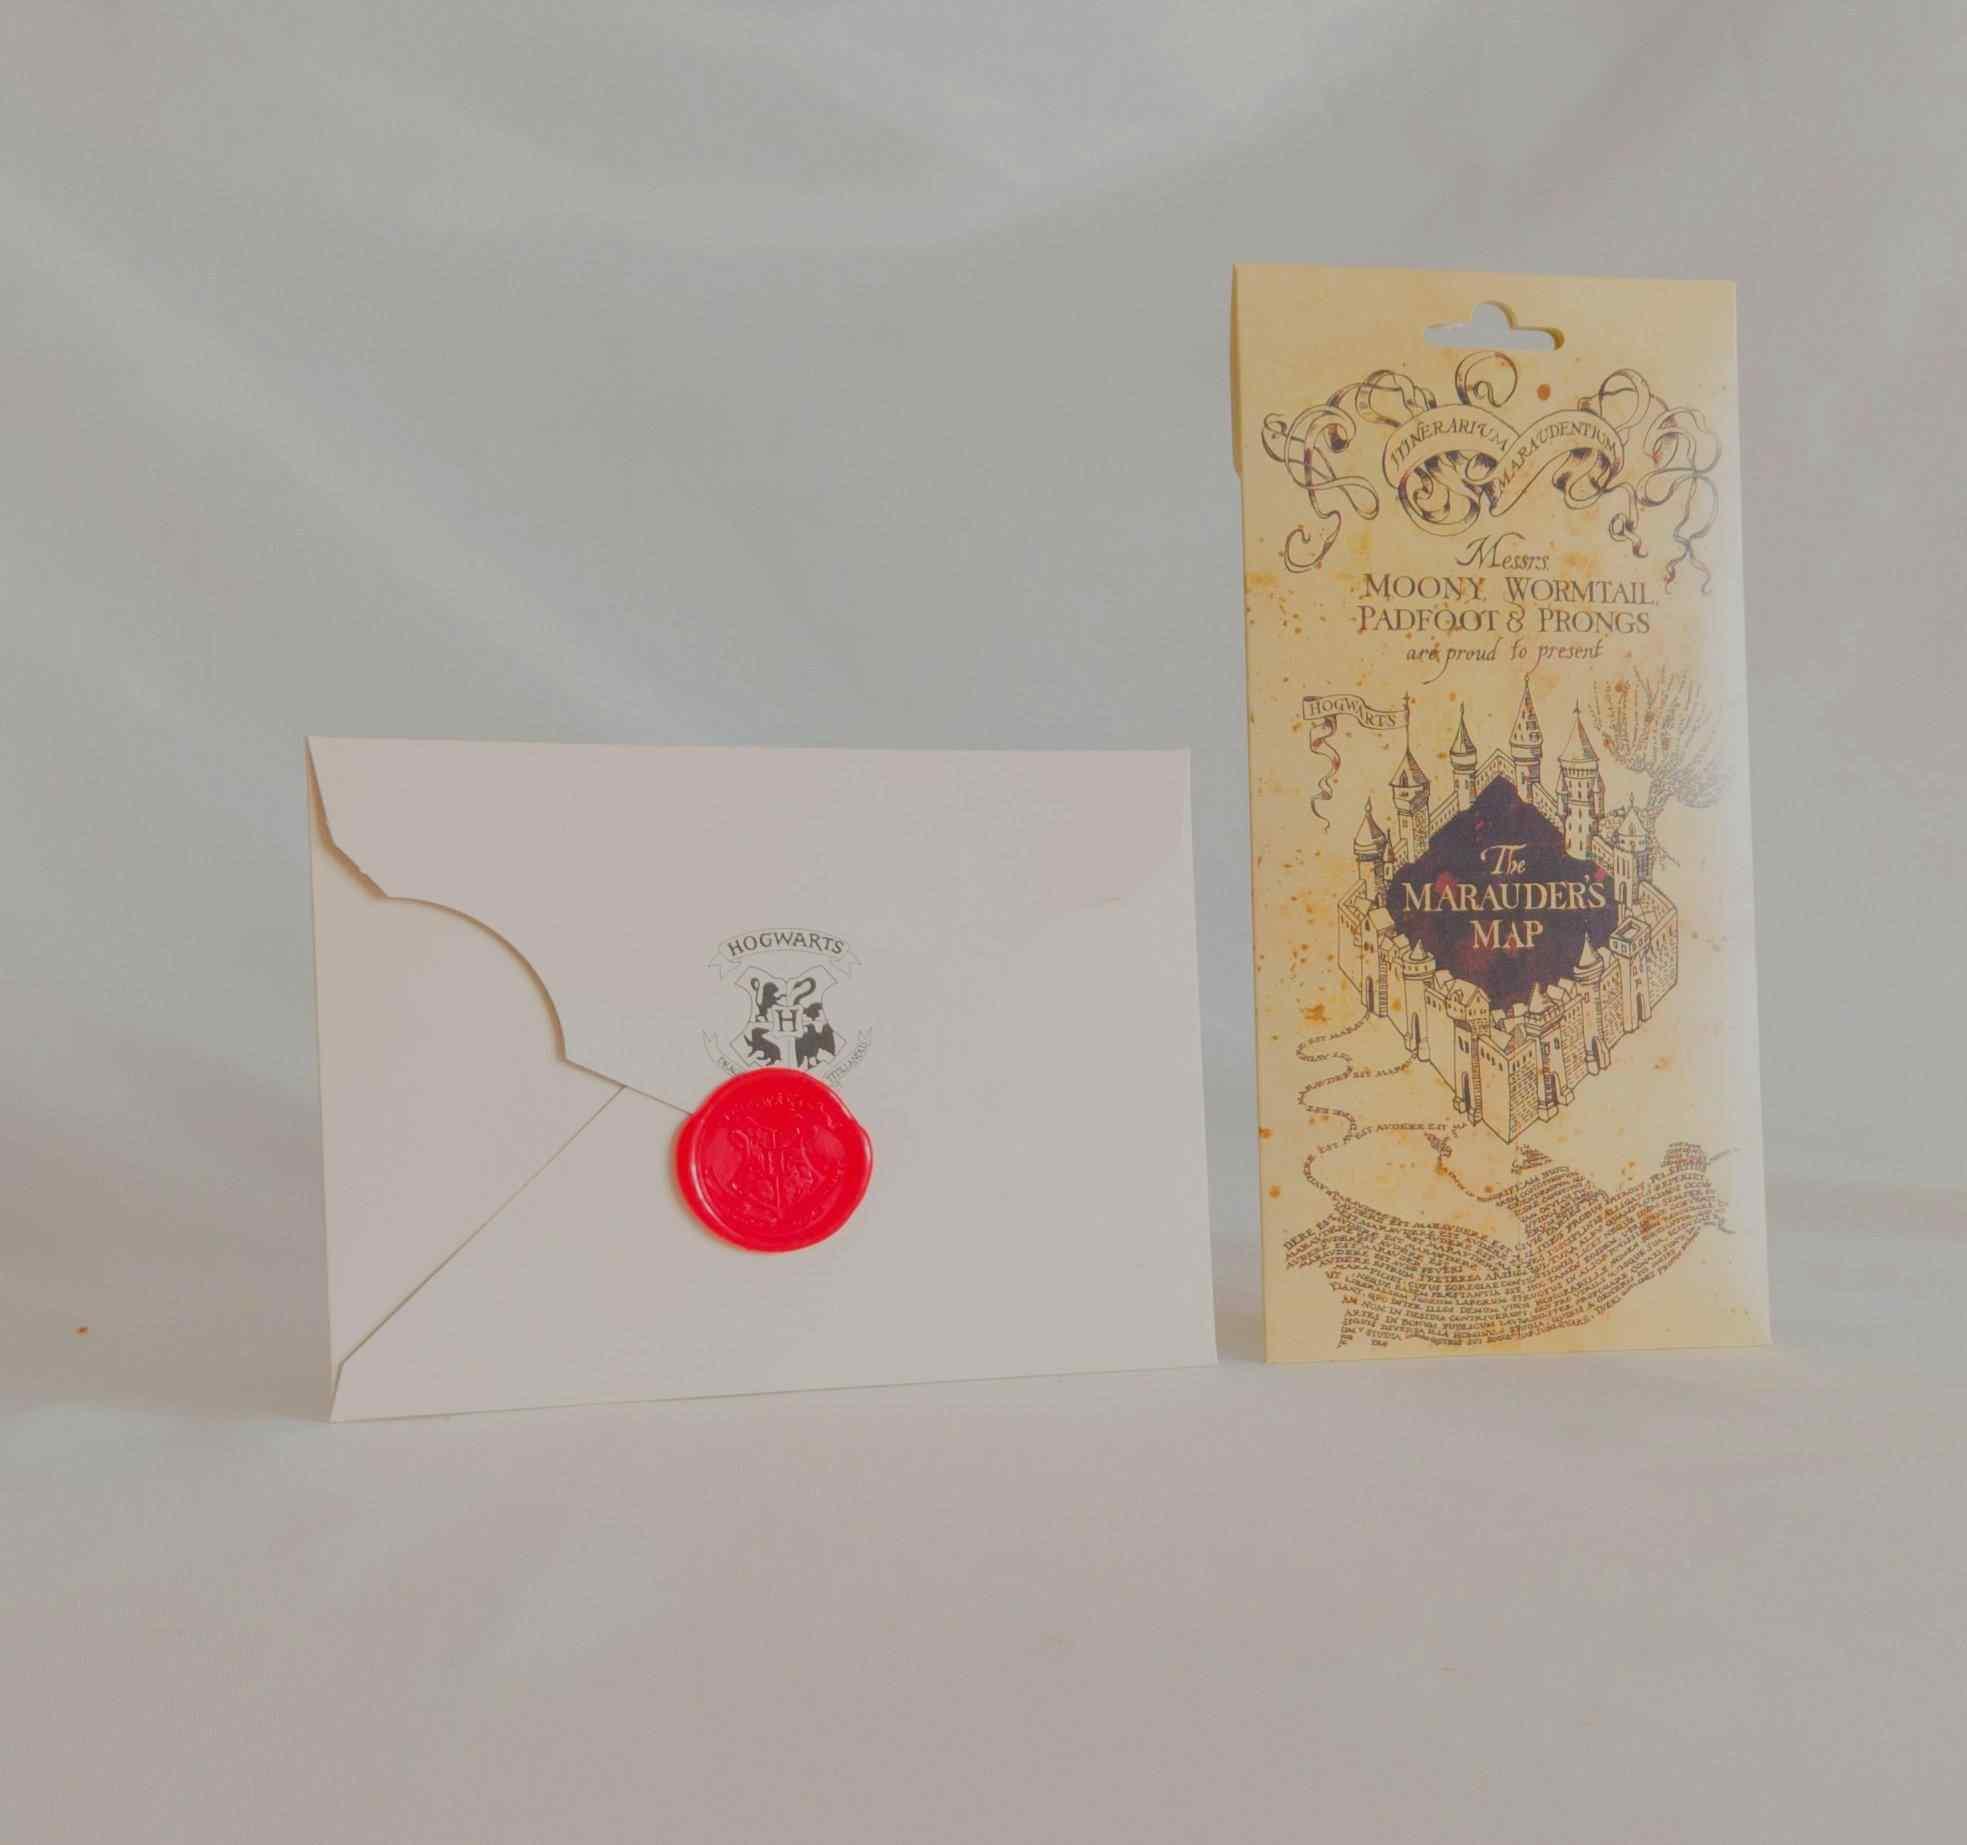 Harry Potter Çapulcu Haritası Ve Davet Mektubu 2Li Arkadaşa Hediye Seti